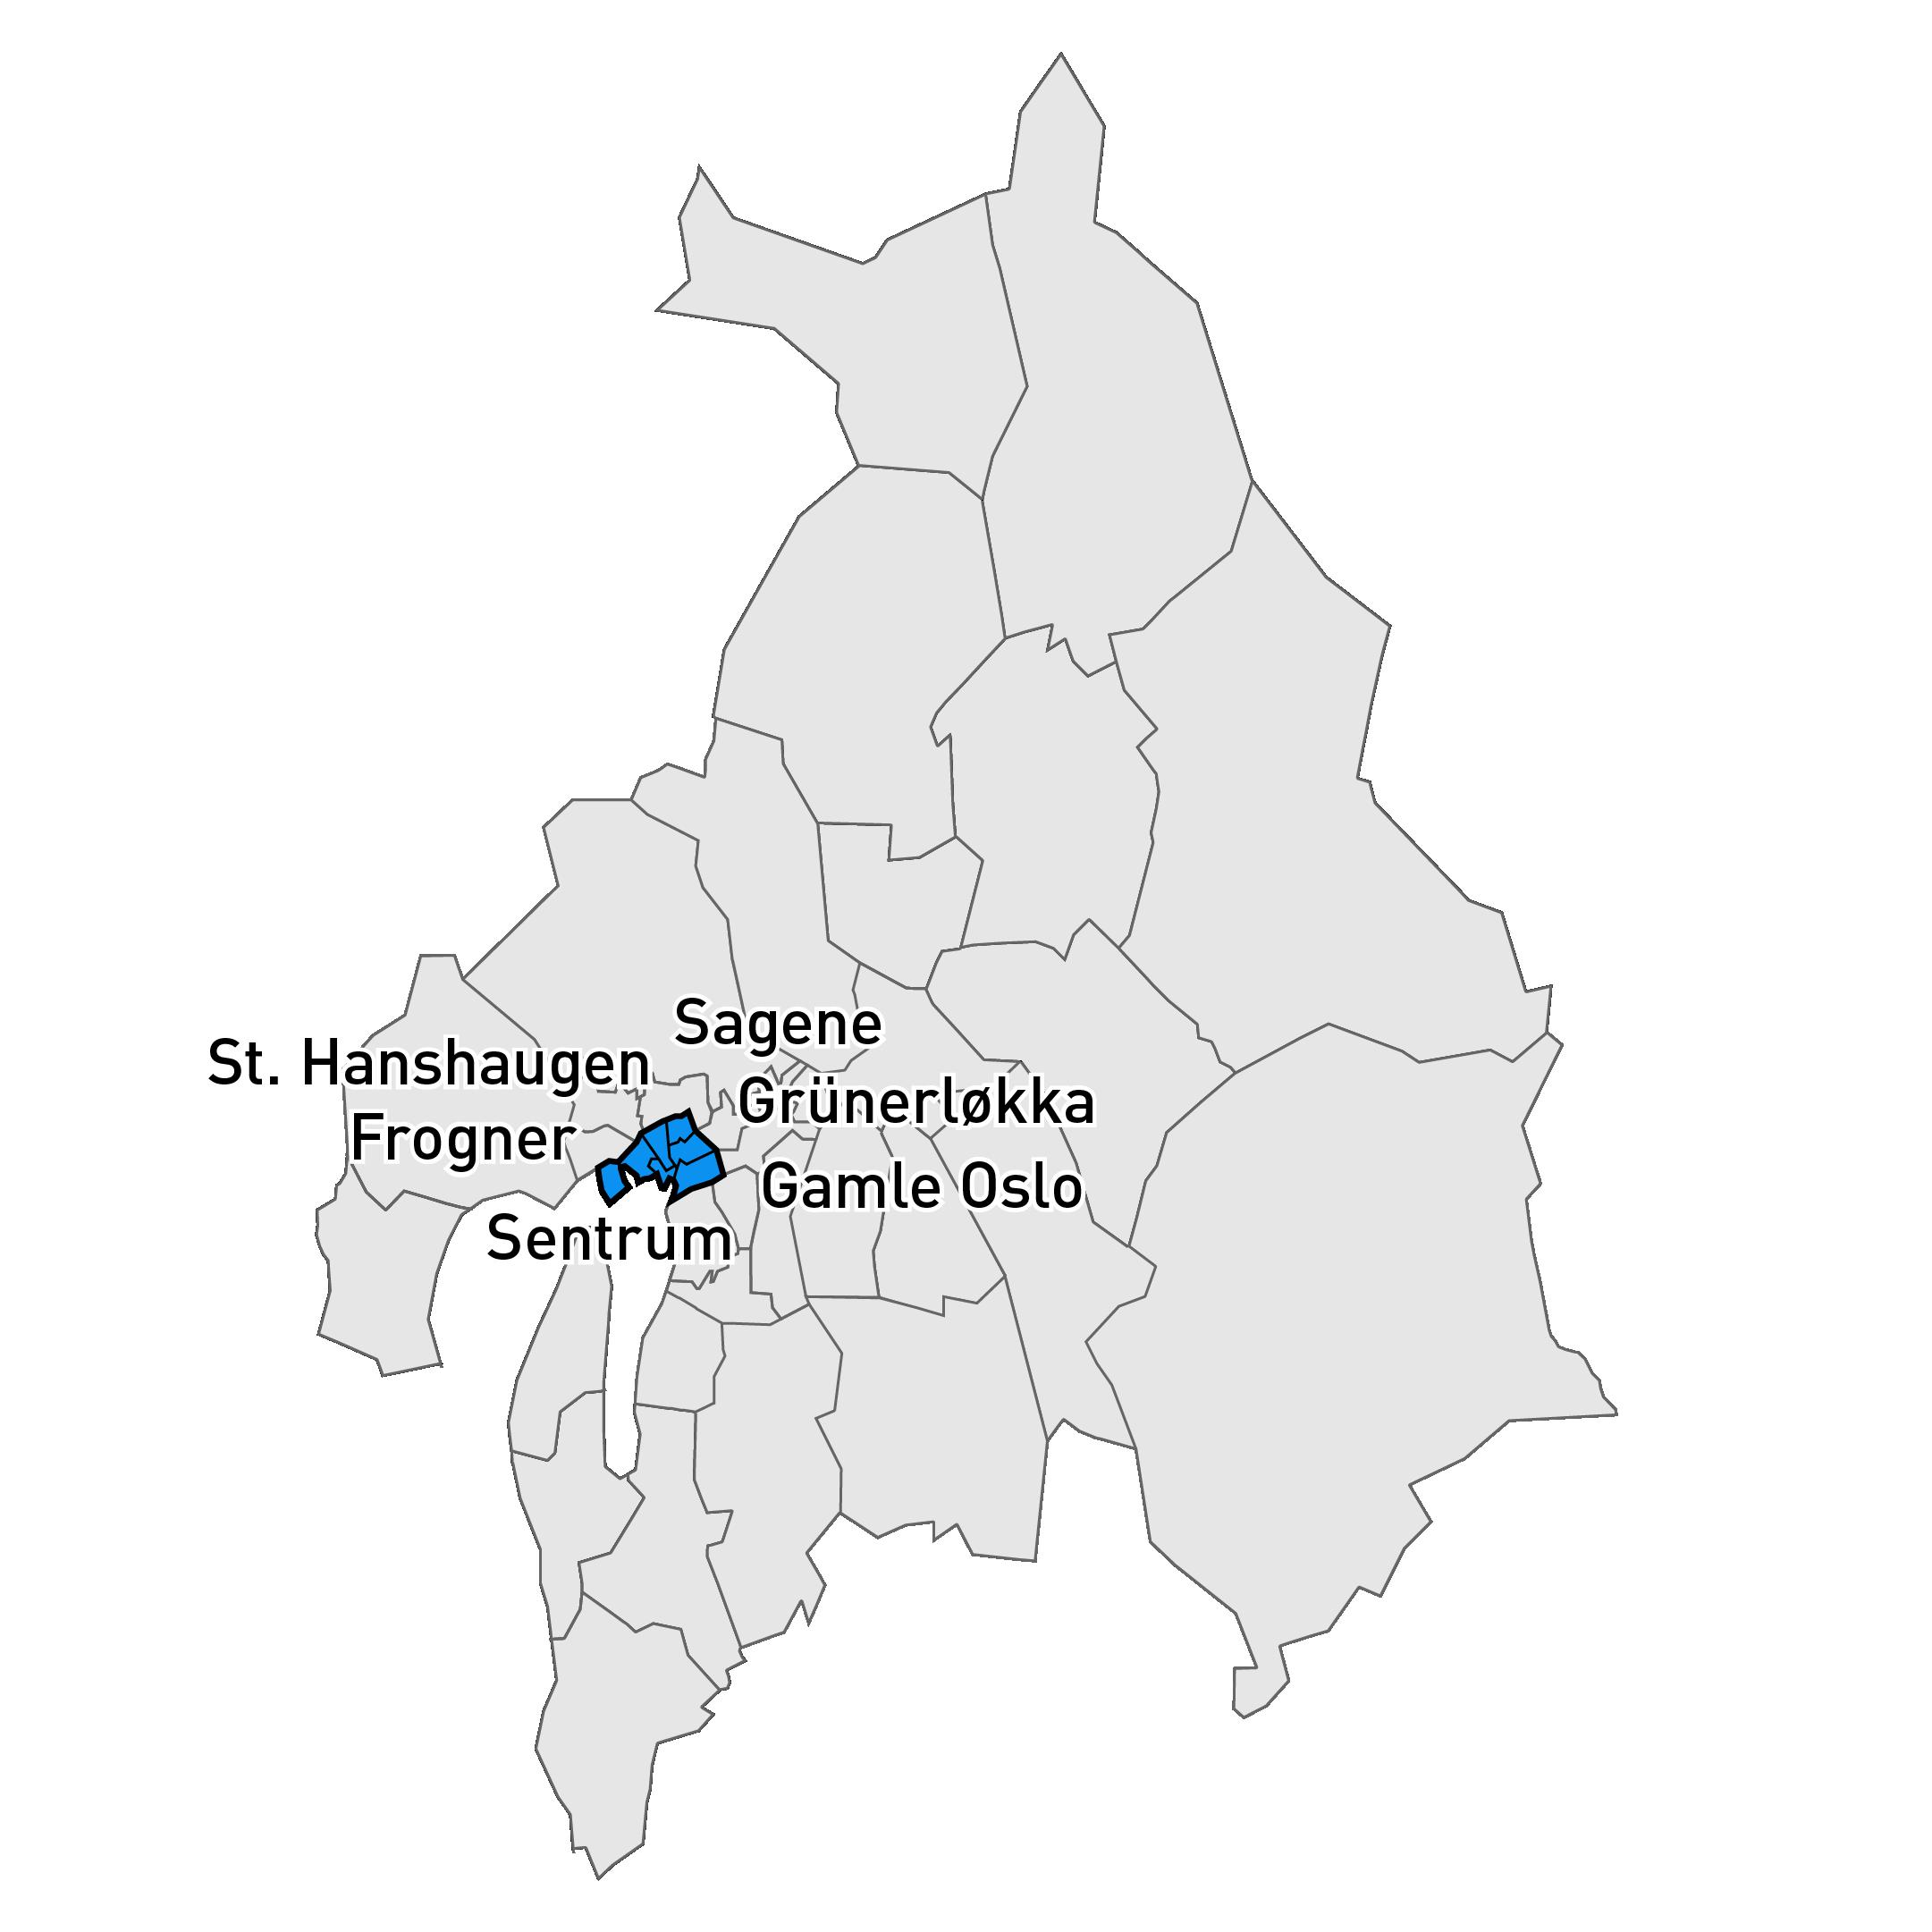 Bilde over markedsområde Indre by